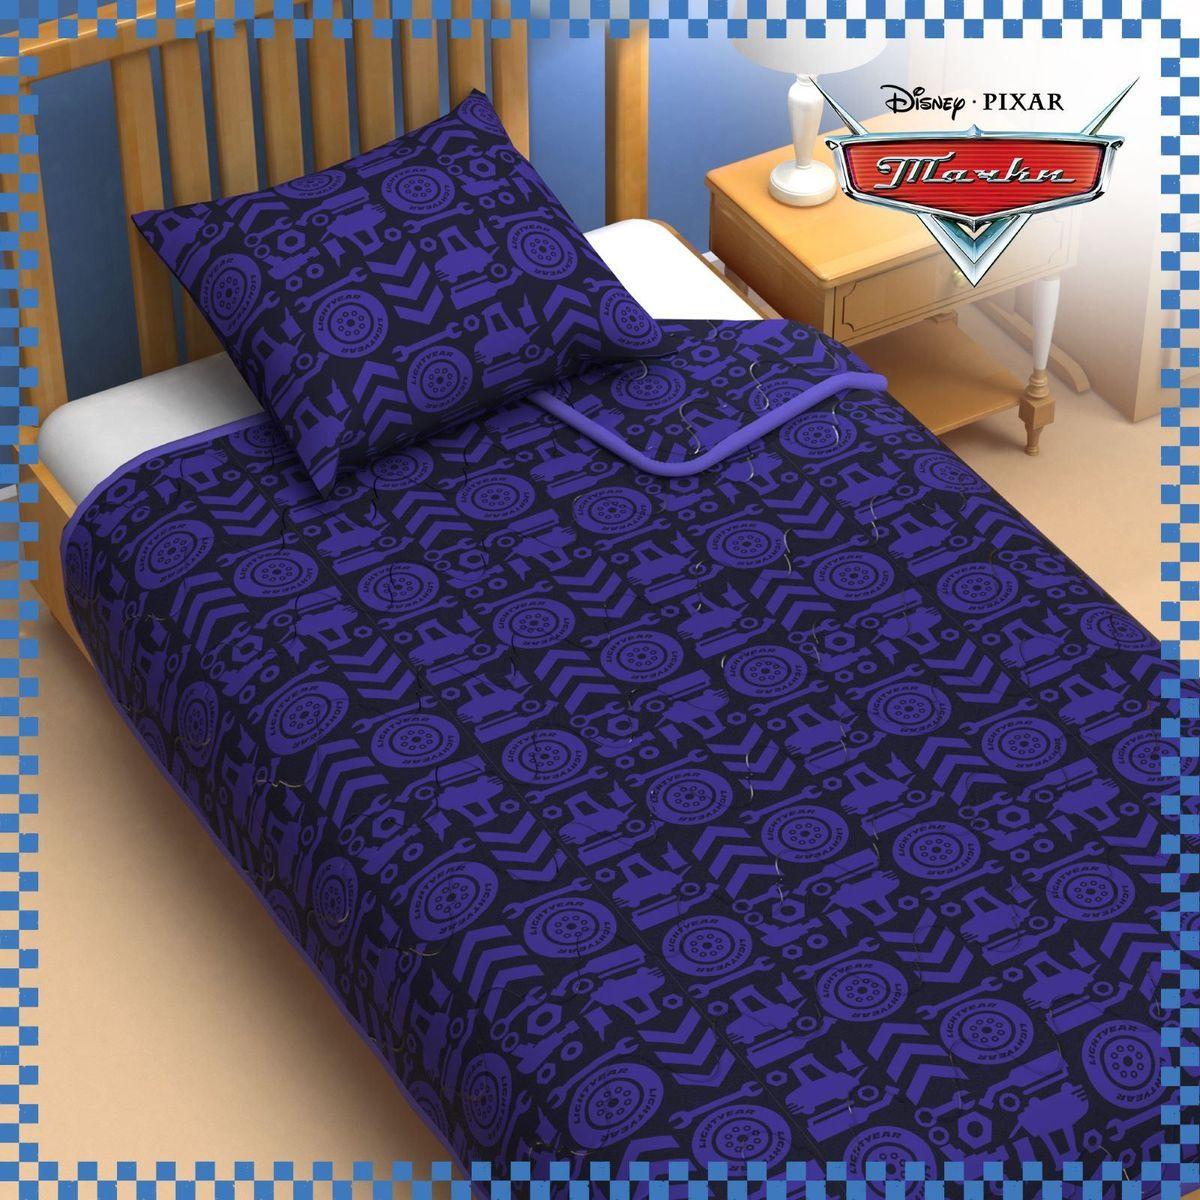 Disney Одеяло 1,5 спальное Тачки 140 х 205 см 11531711153171Сказочные сны с любимыми героями Disney. Маленький любитель мультфильмов Disney будет в восторге от этого яркого одеяла ! Оно подарит крохе захватывающие сны и по-настоящему доброе утро. Почему? Потому что одеяло изготовлено в России на современном оборудовании, а при нанесении рисунка использовались только качественные европейские красители. Над дизайном работала команда настоящих мастеров своего дела: очаровательные персонажи мультфильмов, детально проработанная картинка, гармоничное сочетание цветов — всё это результат их кропотливой работы. В качестве наполнителя для изделия используется файбер — практичный, безопасный и мягкий материал. Именно поэтому одеяло: поддерживает комфортную температуру тела во время сна; не способствует появлению аллергии и раздражения; позволяет коже дышать и впитывает влагу; хорошо переносит многочисленные стирки, сохраняя первоначальную форму и внешний вид; Чехол выполнен из поплина — прочной, невероятно...